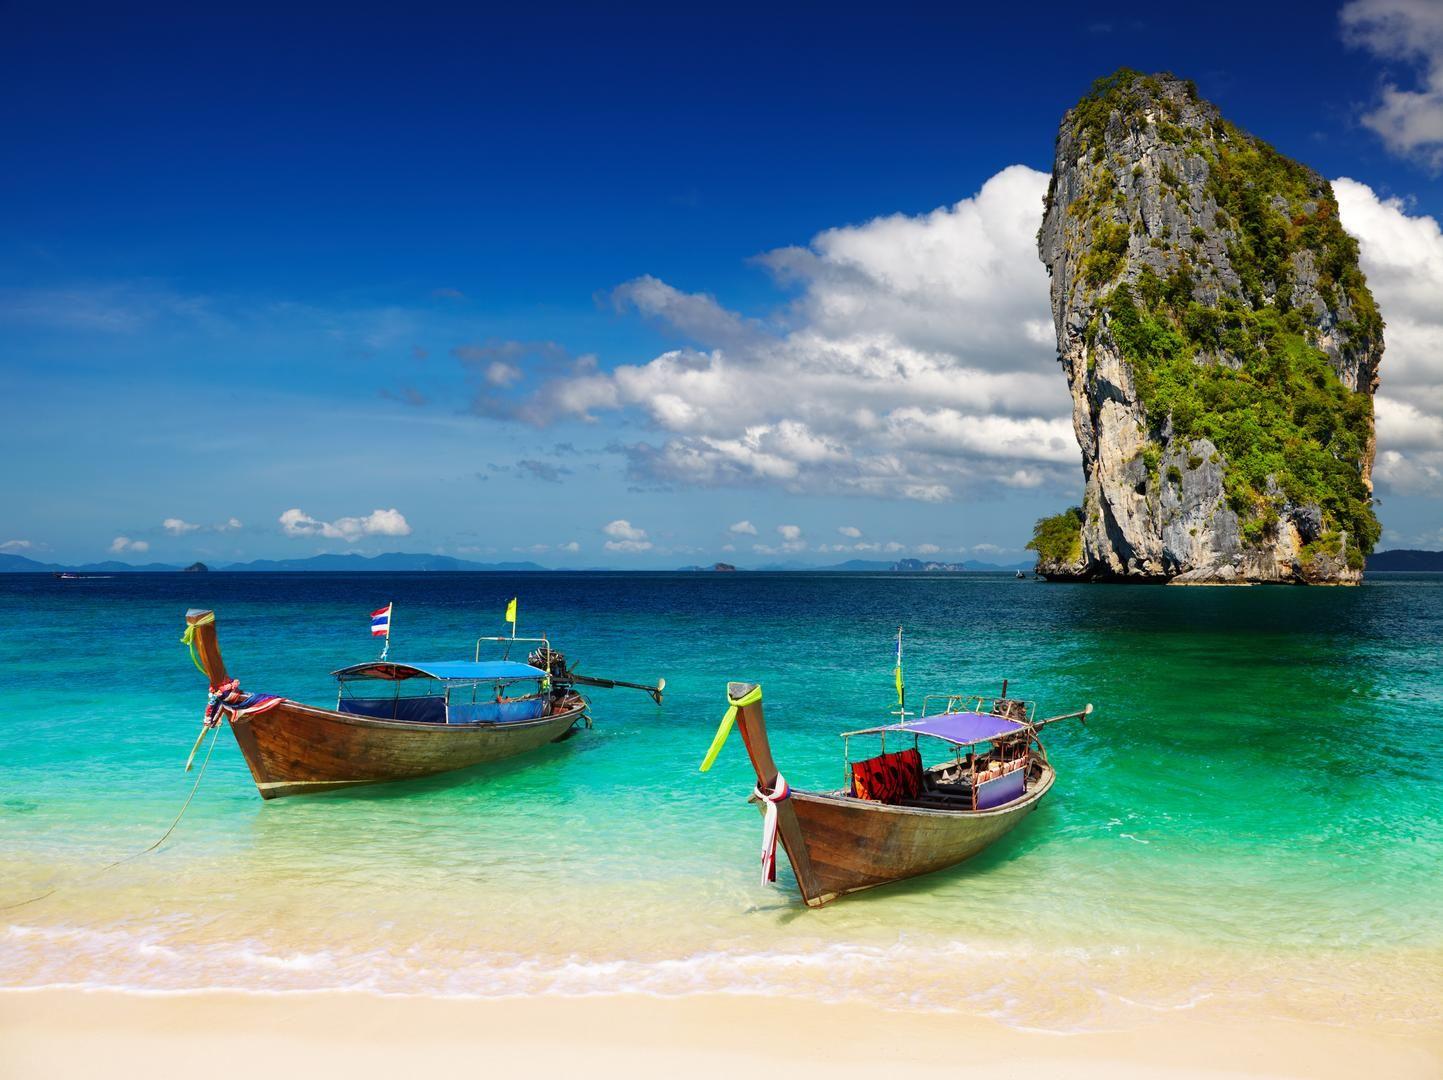 vols pas chers vers tha lande comparez les billets d 39 avion sur jetradar voyages thailand. Black Bedroom Furniture Sets. Home Design Ideas